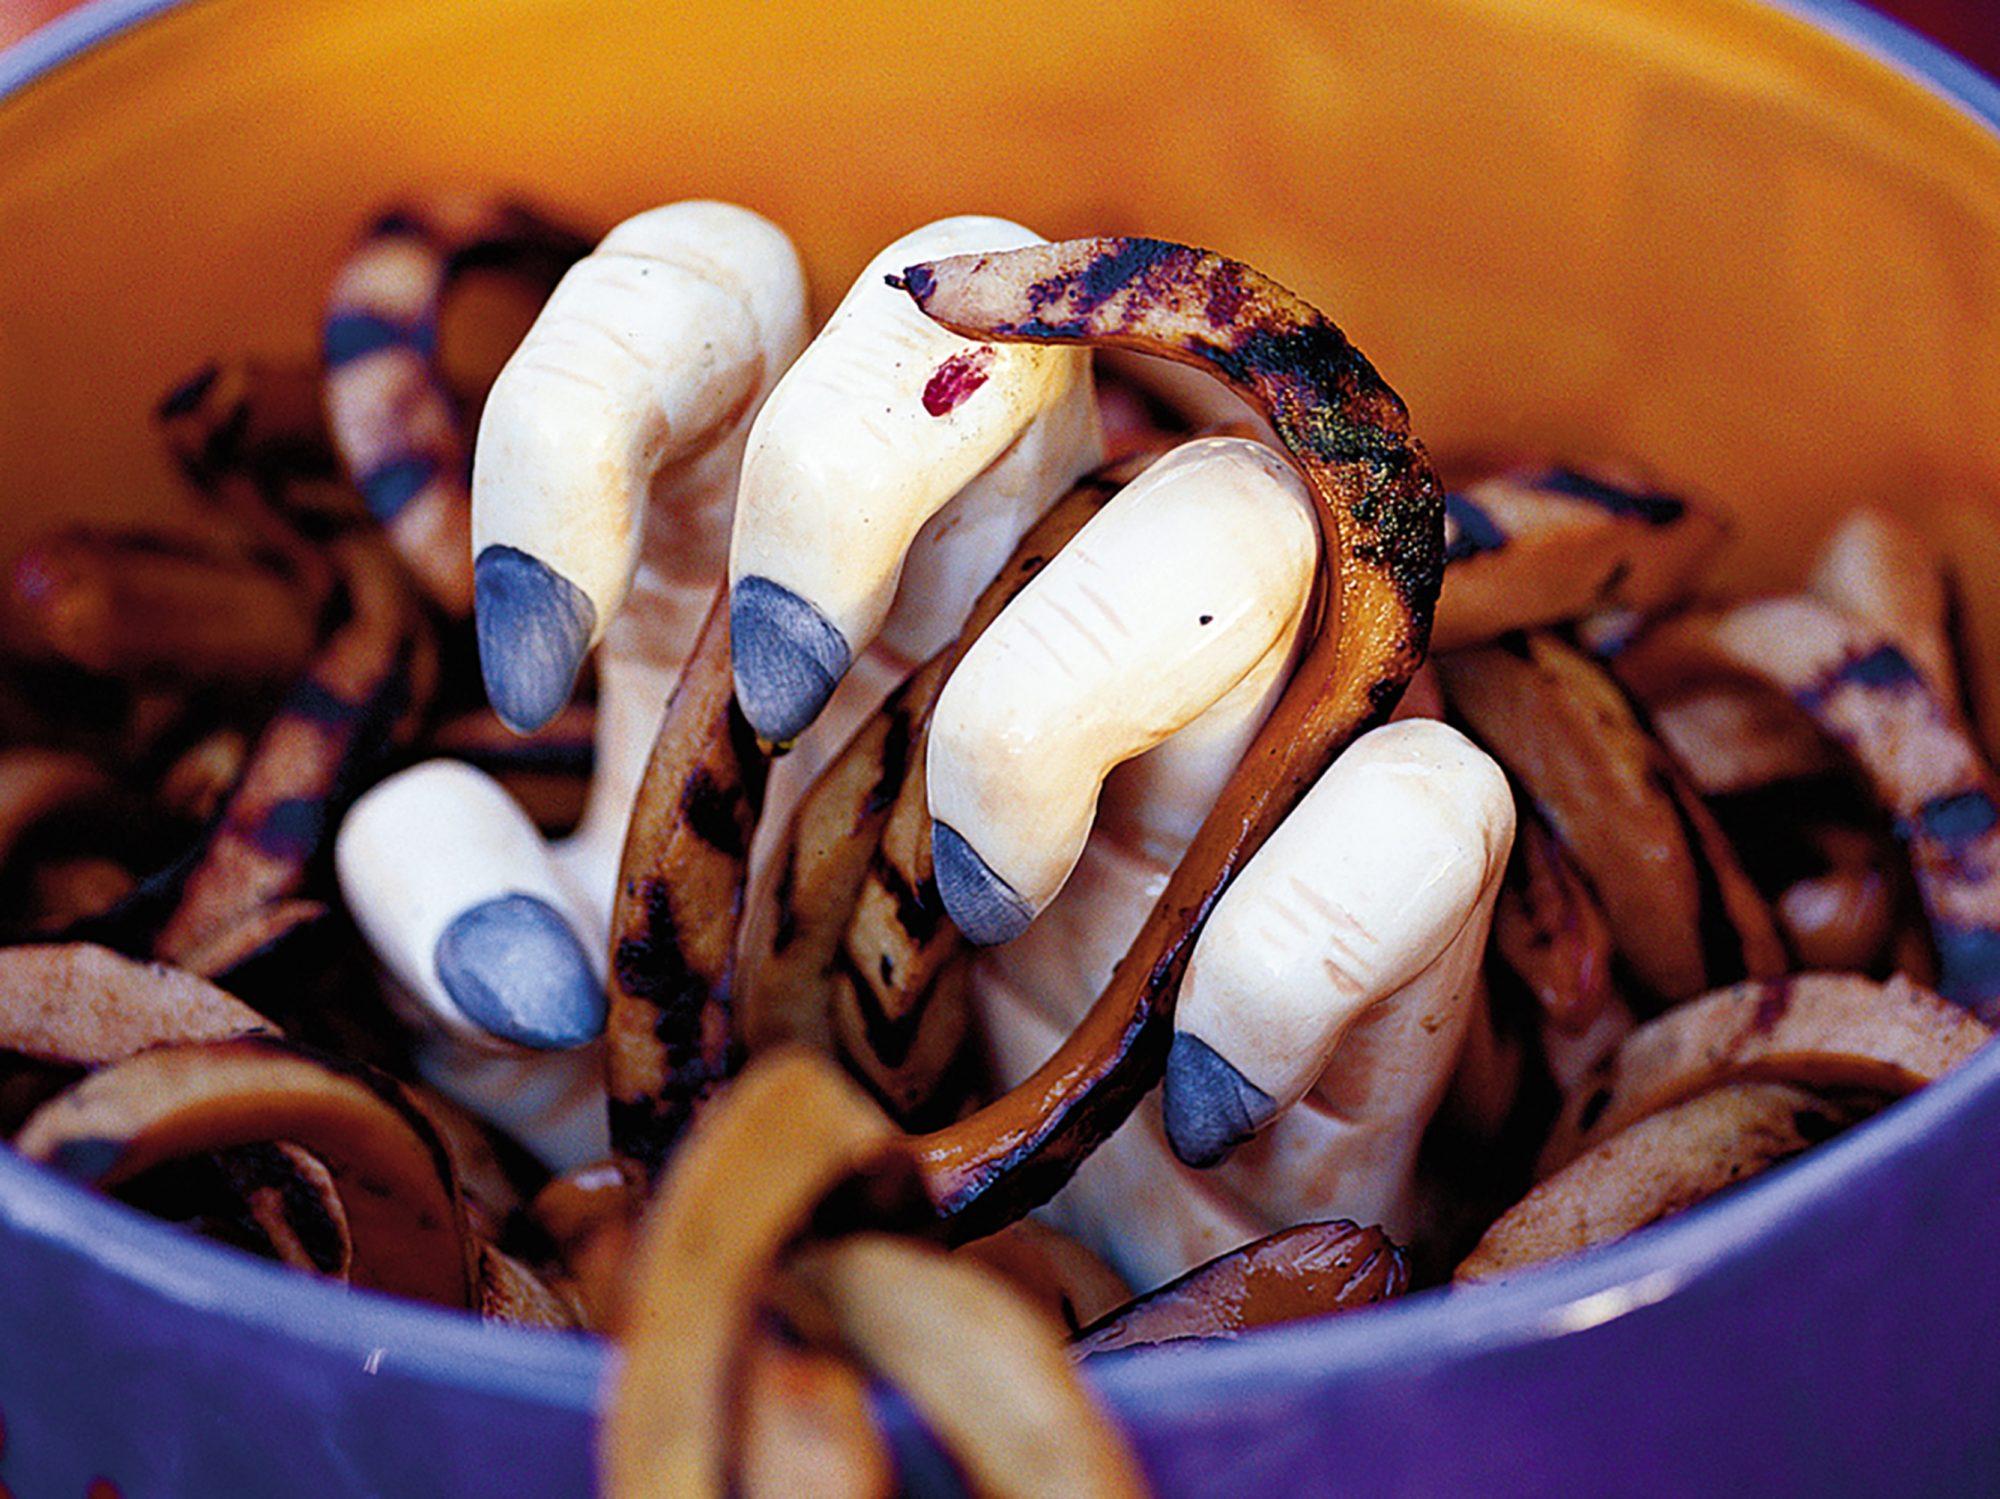 Weiner Worms